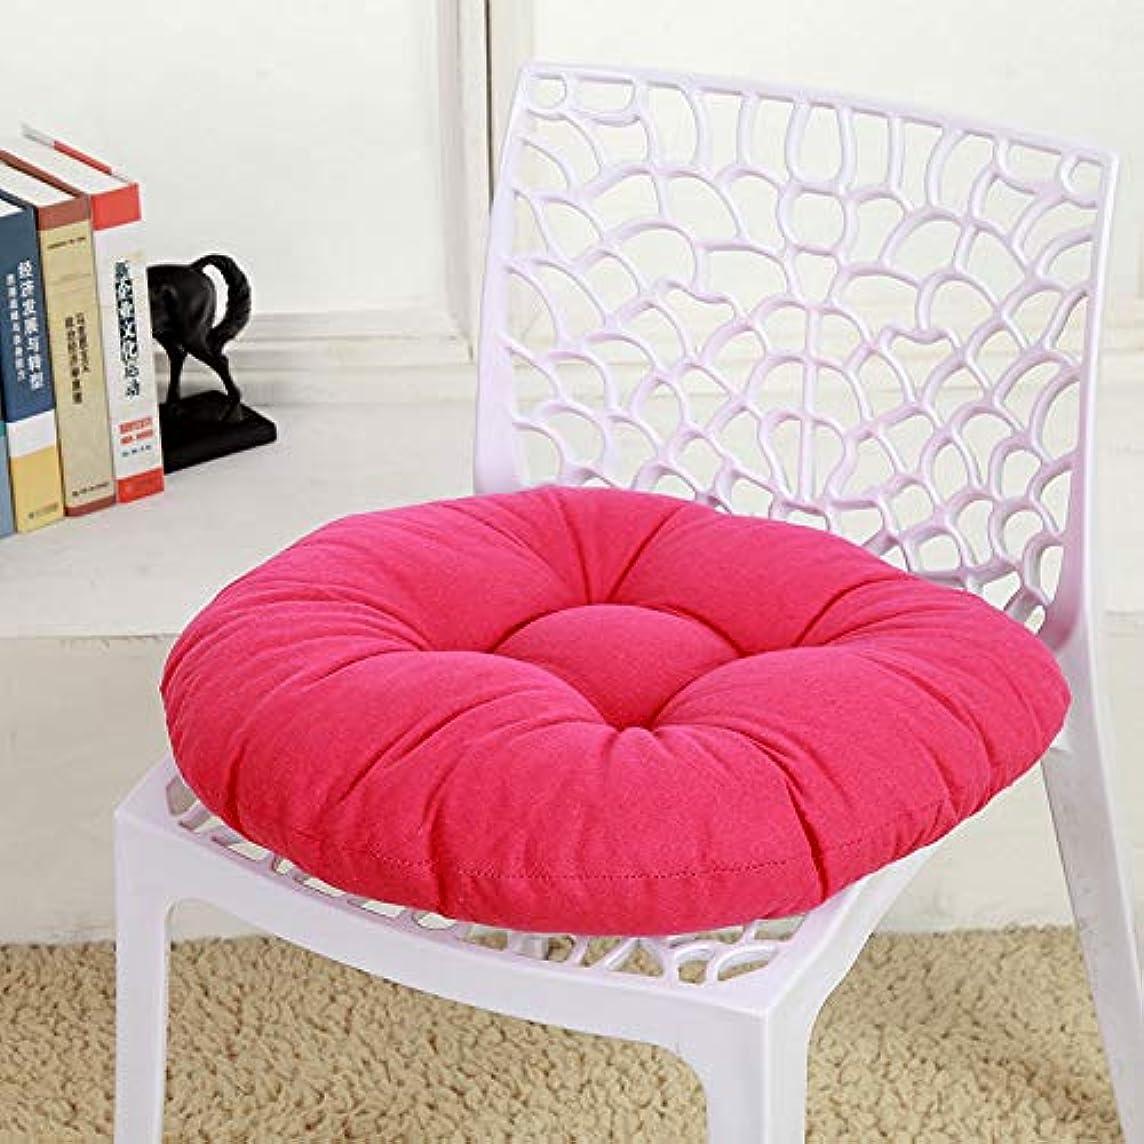 間違いなく騒苦痛SMART キャンディカラーのクッションラウンドシートクッション波ウィンドウシートクッションクッション家の装飾パッドラウンド枕シート枕椅子座る枕 クッション 椅子